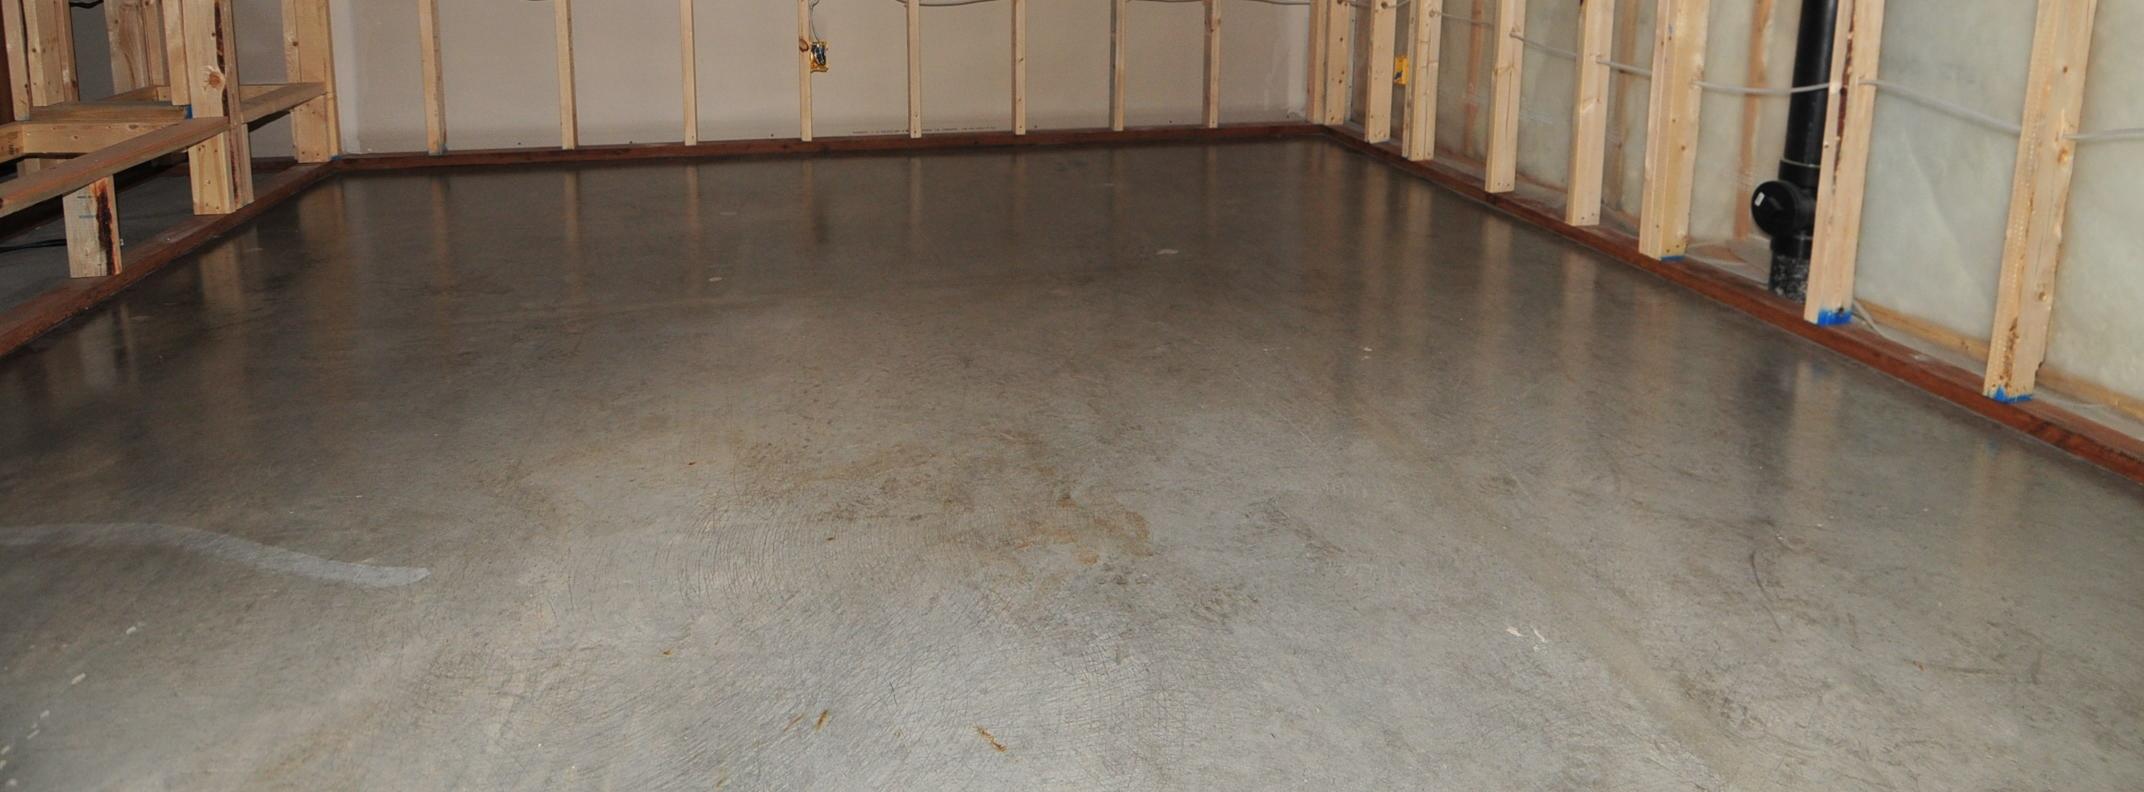 Best Basement Floor Concrete Sealer